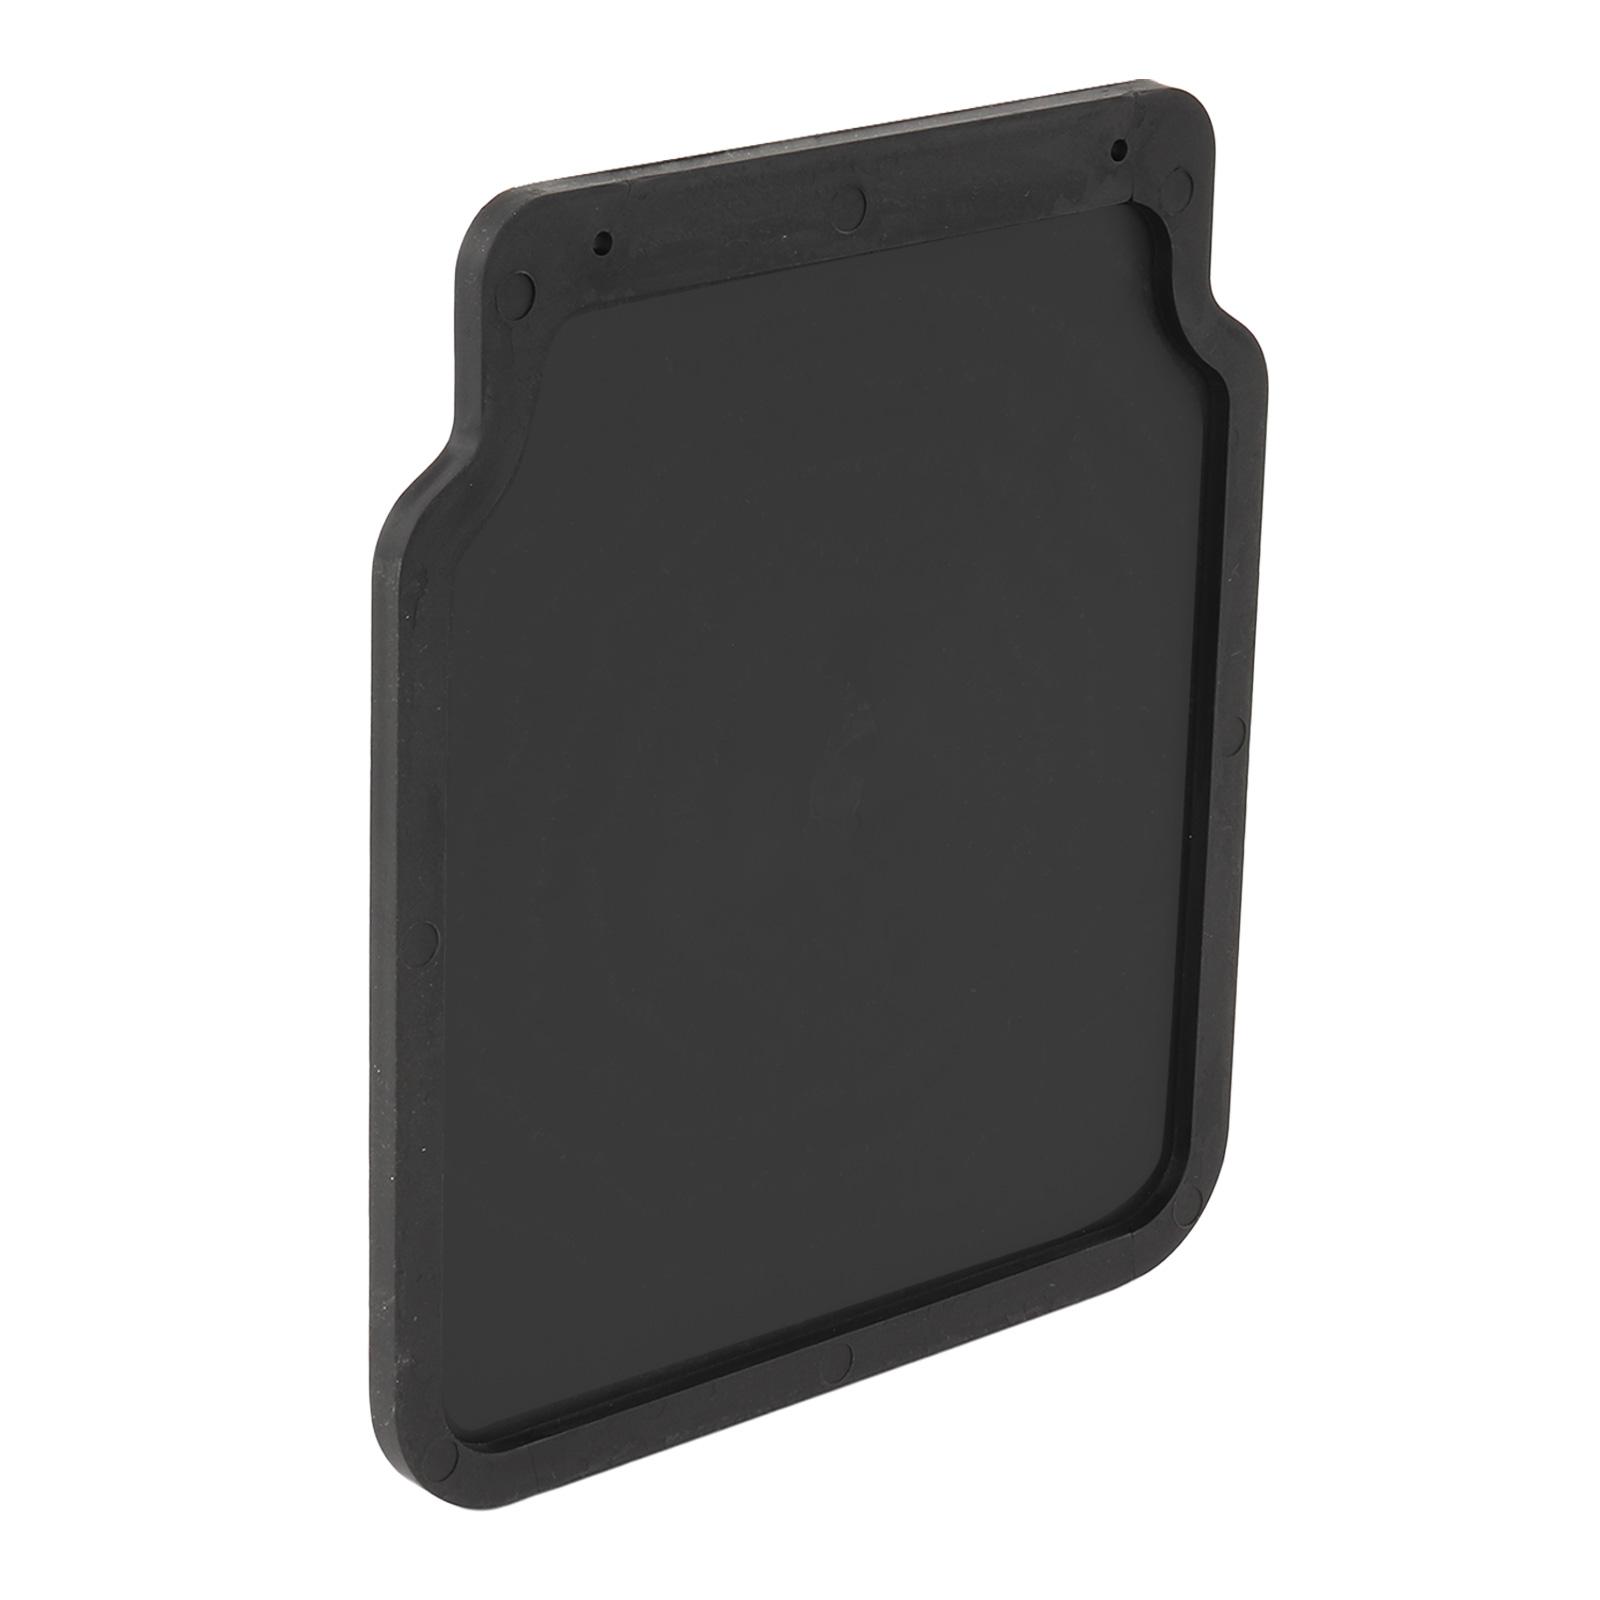 1x Schmutzfänger universal Gummi 23x20cm schwarz für Anhänger, Wohnwagen, Pkw